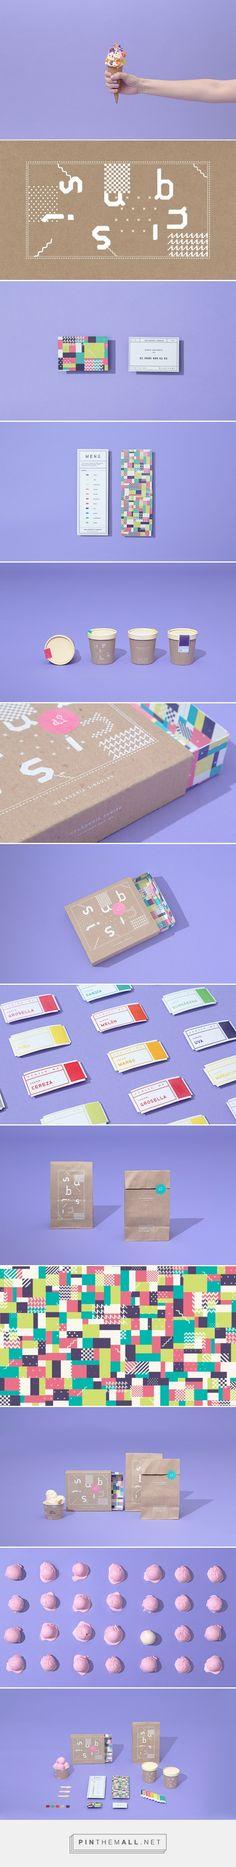 Subisú Branding by Futura